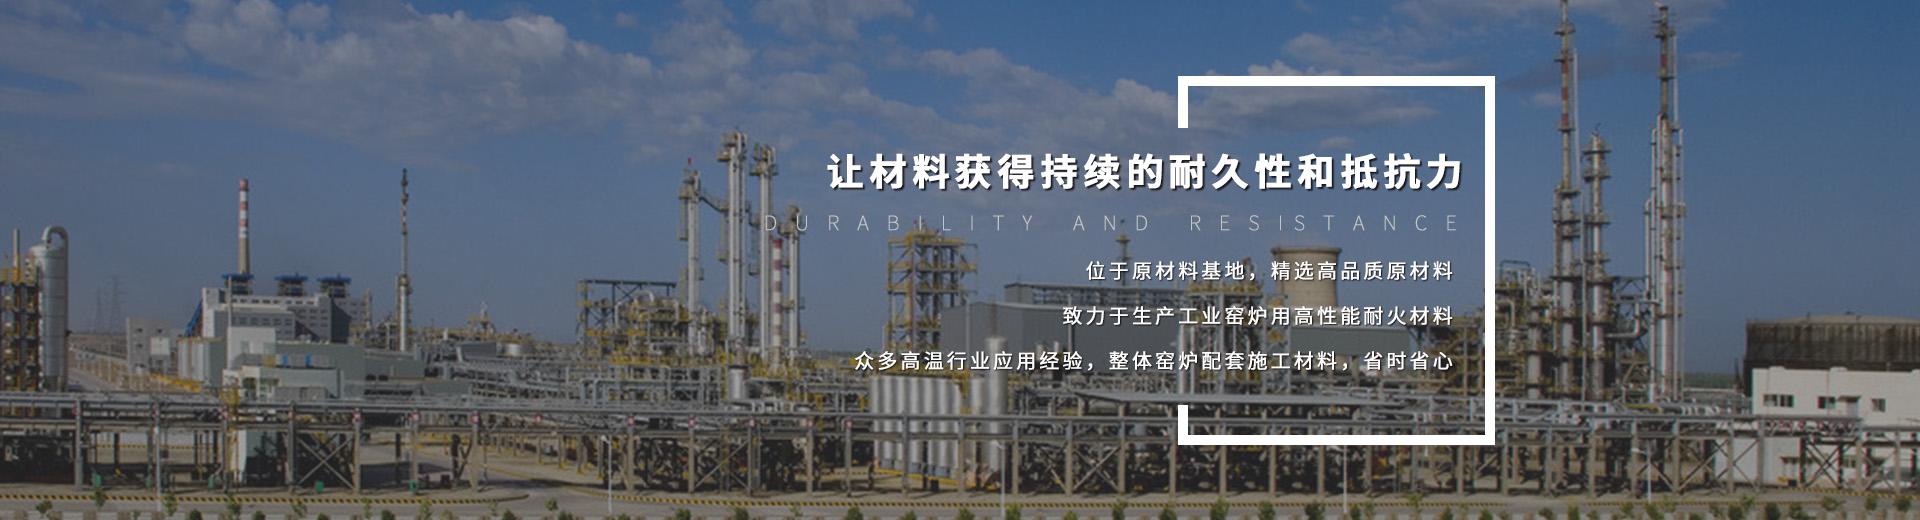 山东博肯能源科技有限公司